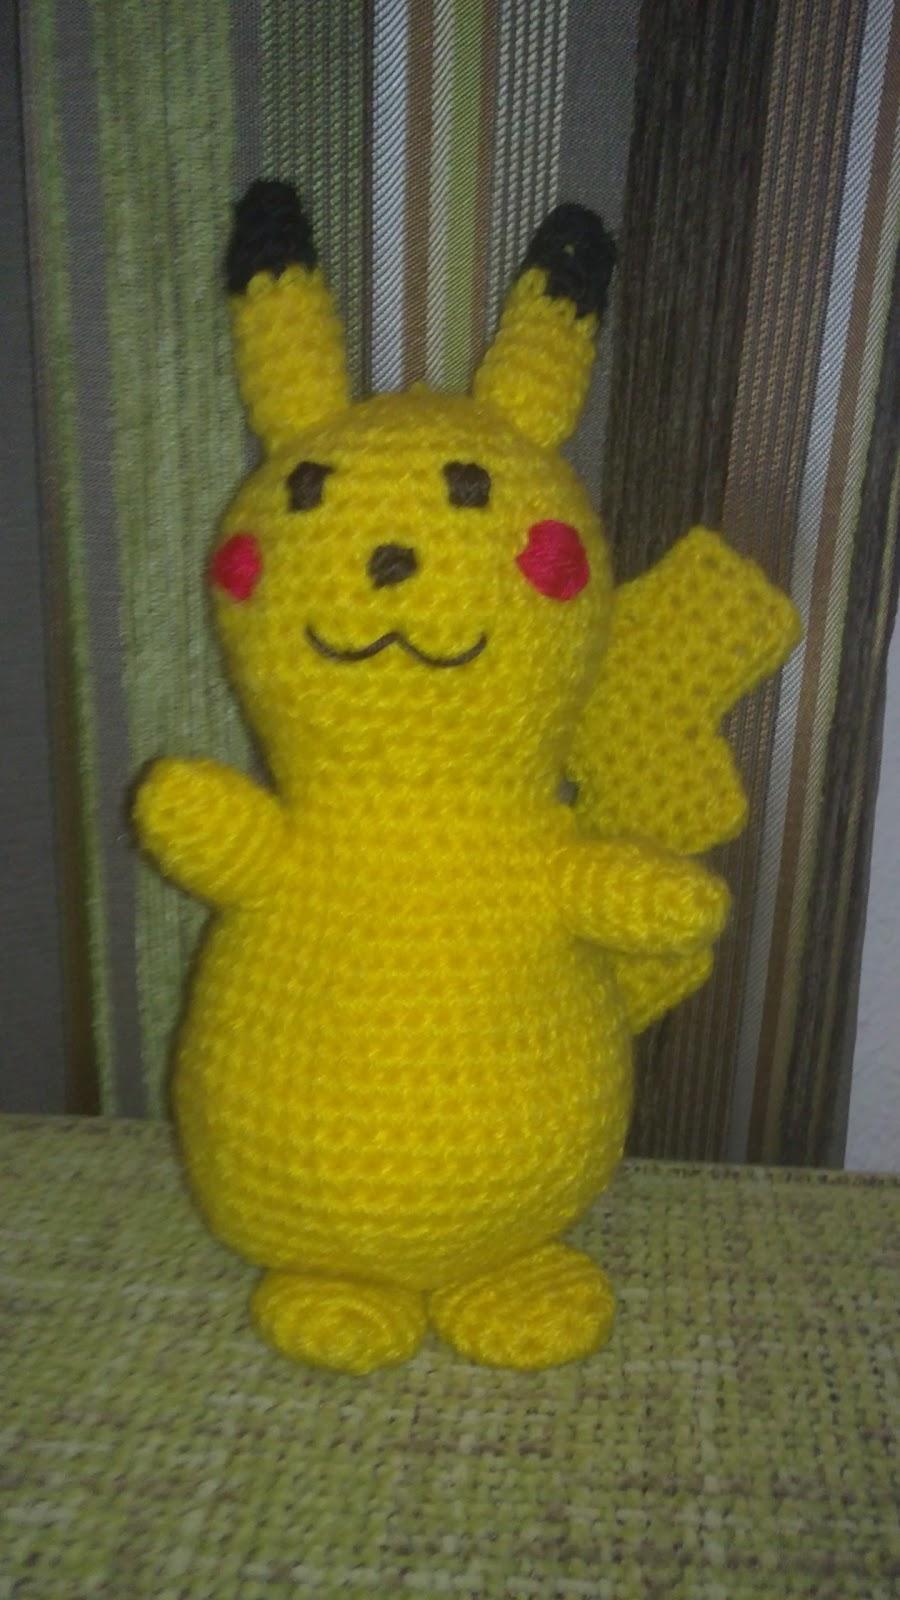 Mis cositas de crochet & Amigurumis: Pikachu